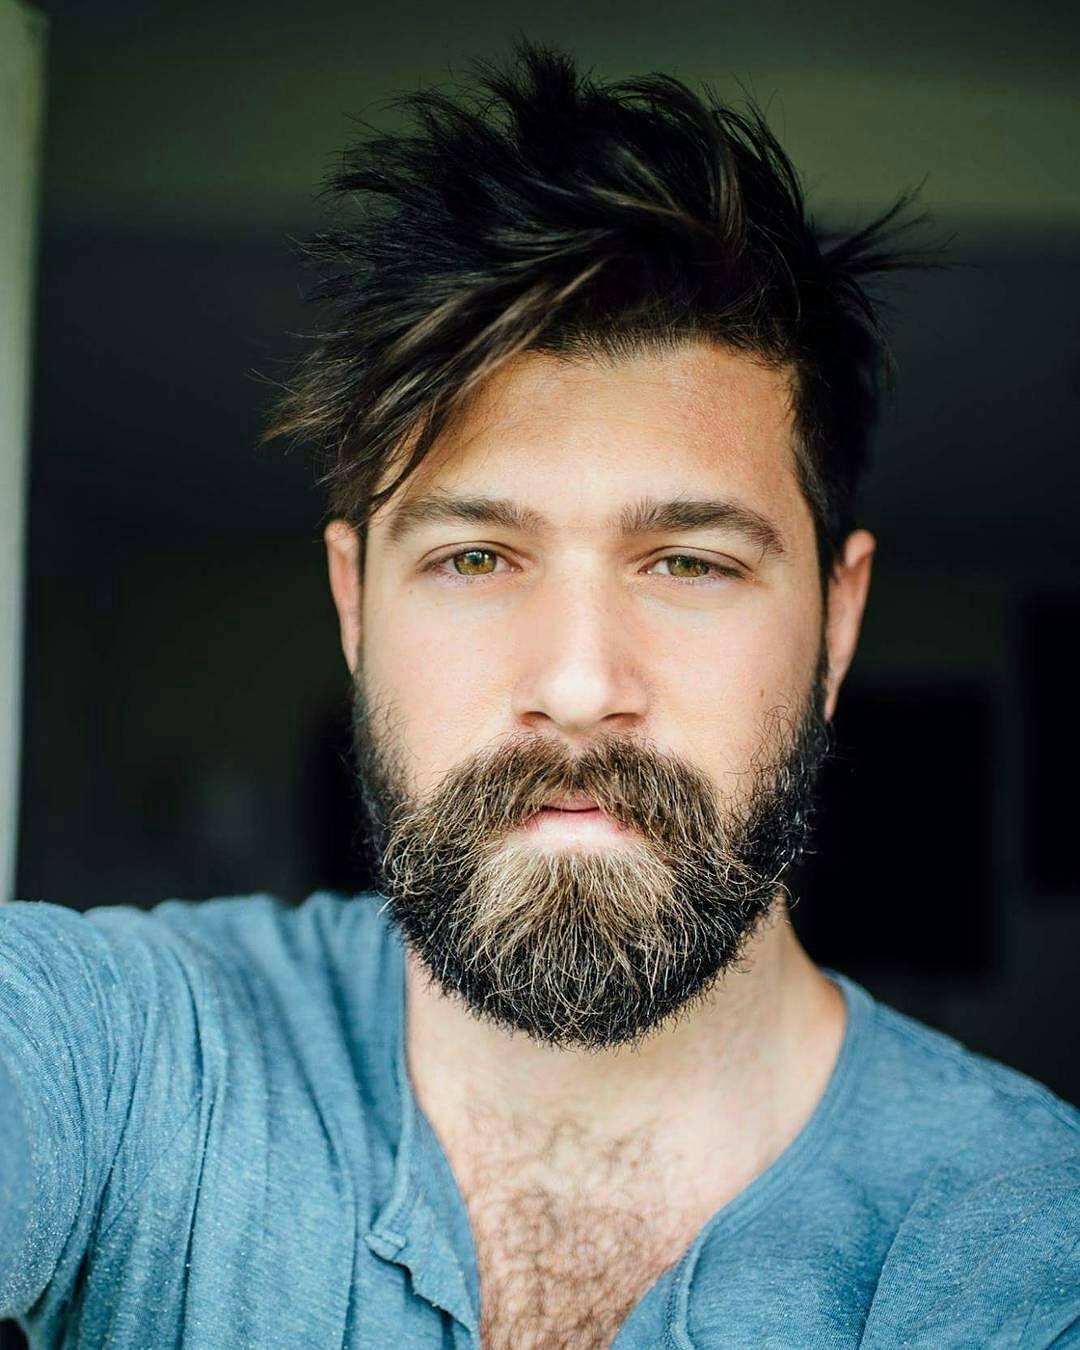 Дом ксюши бородиной фото этом